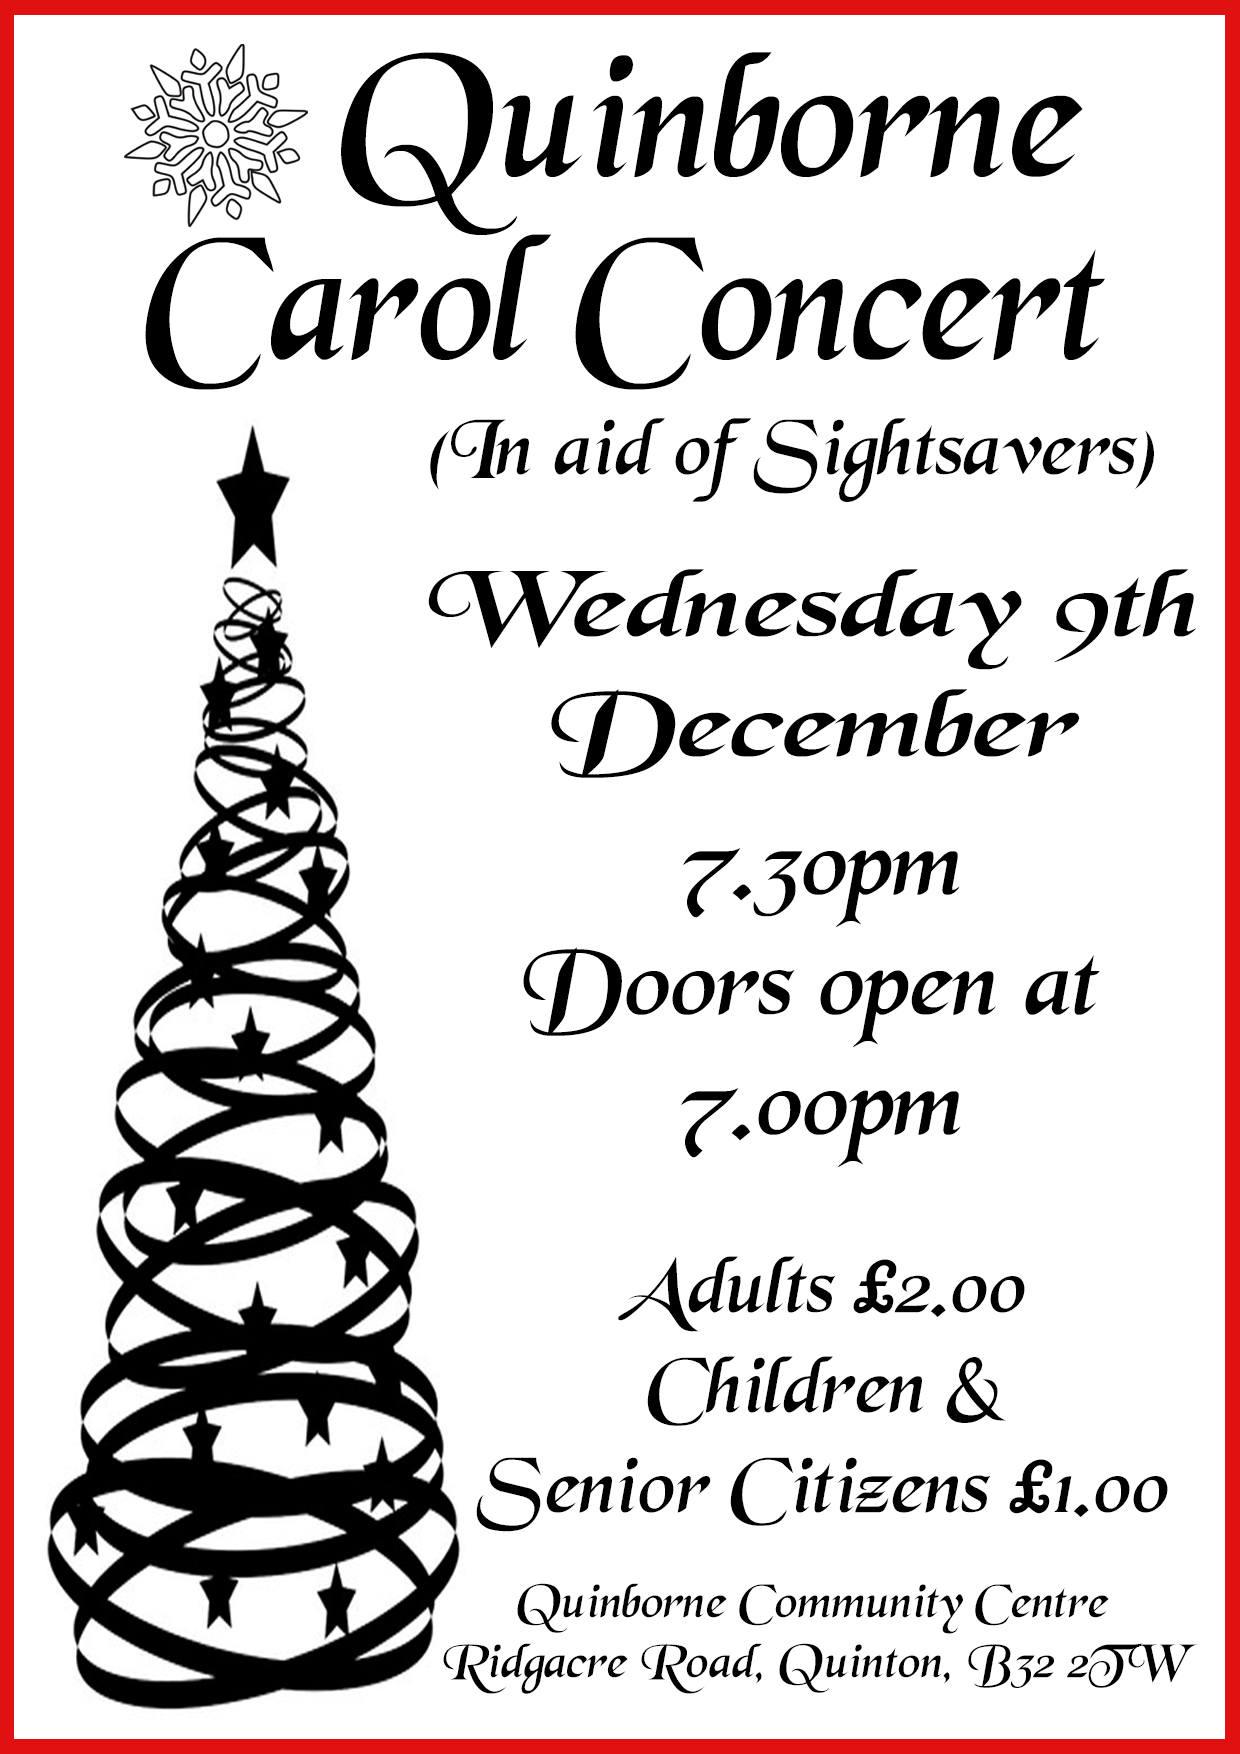 Carol Concert 2015